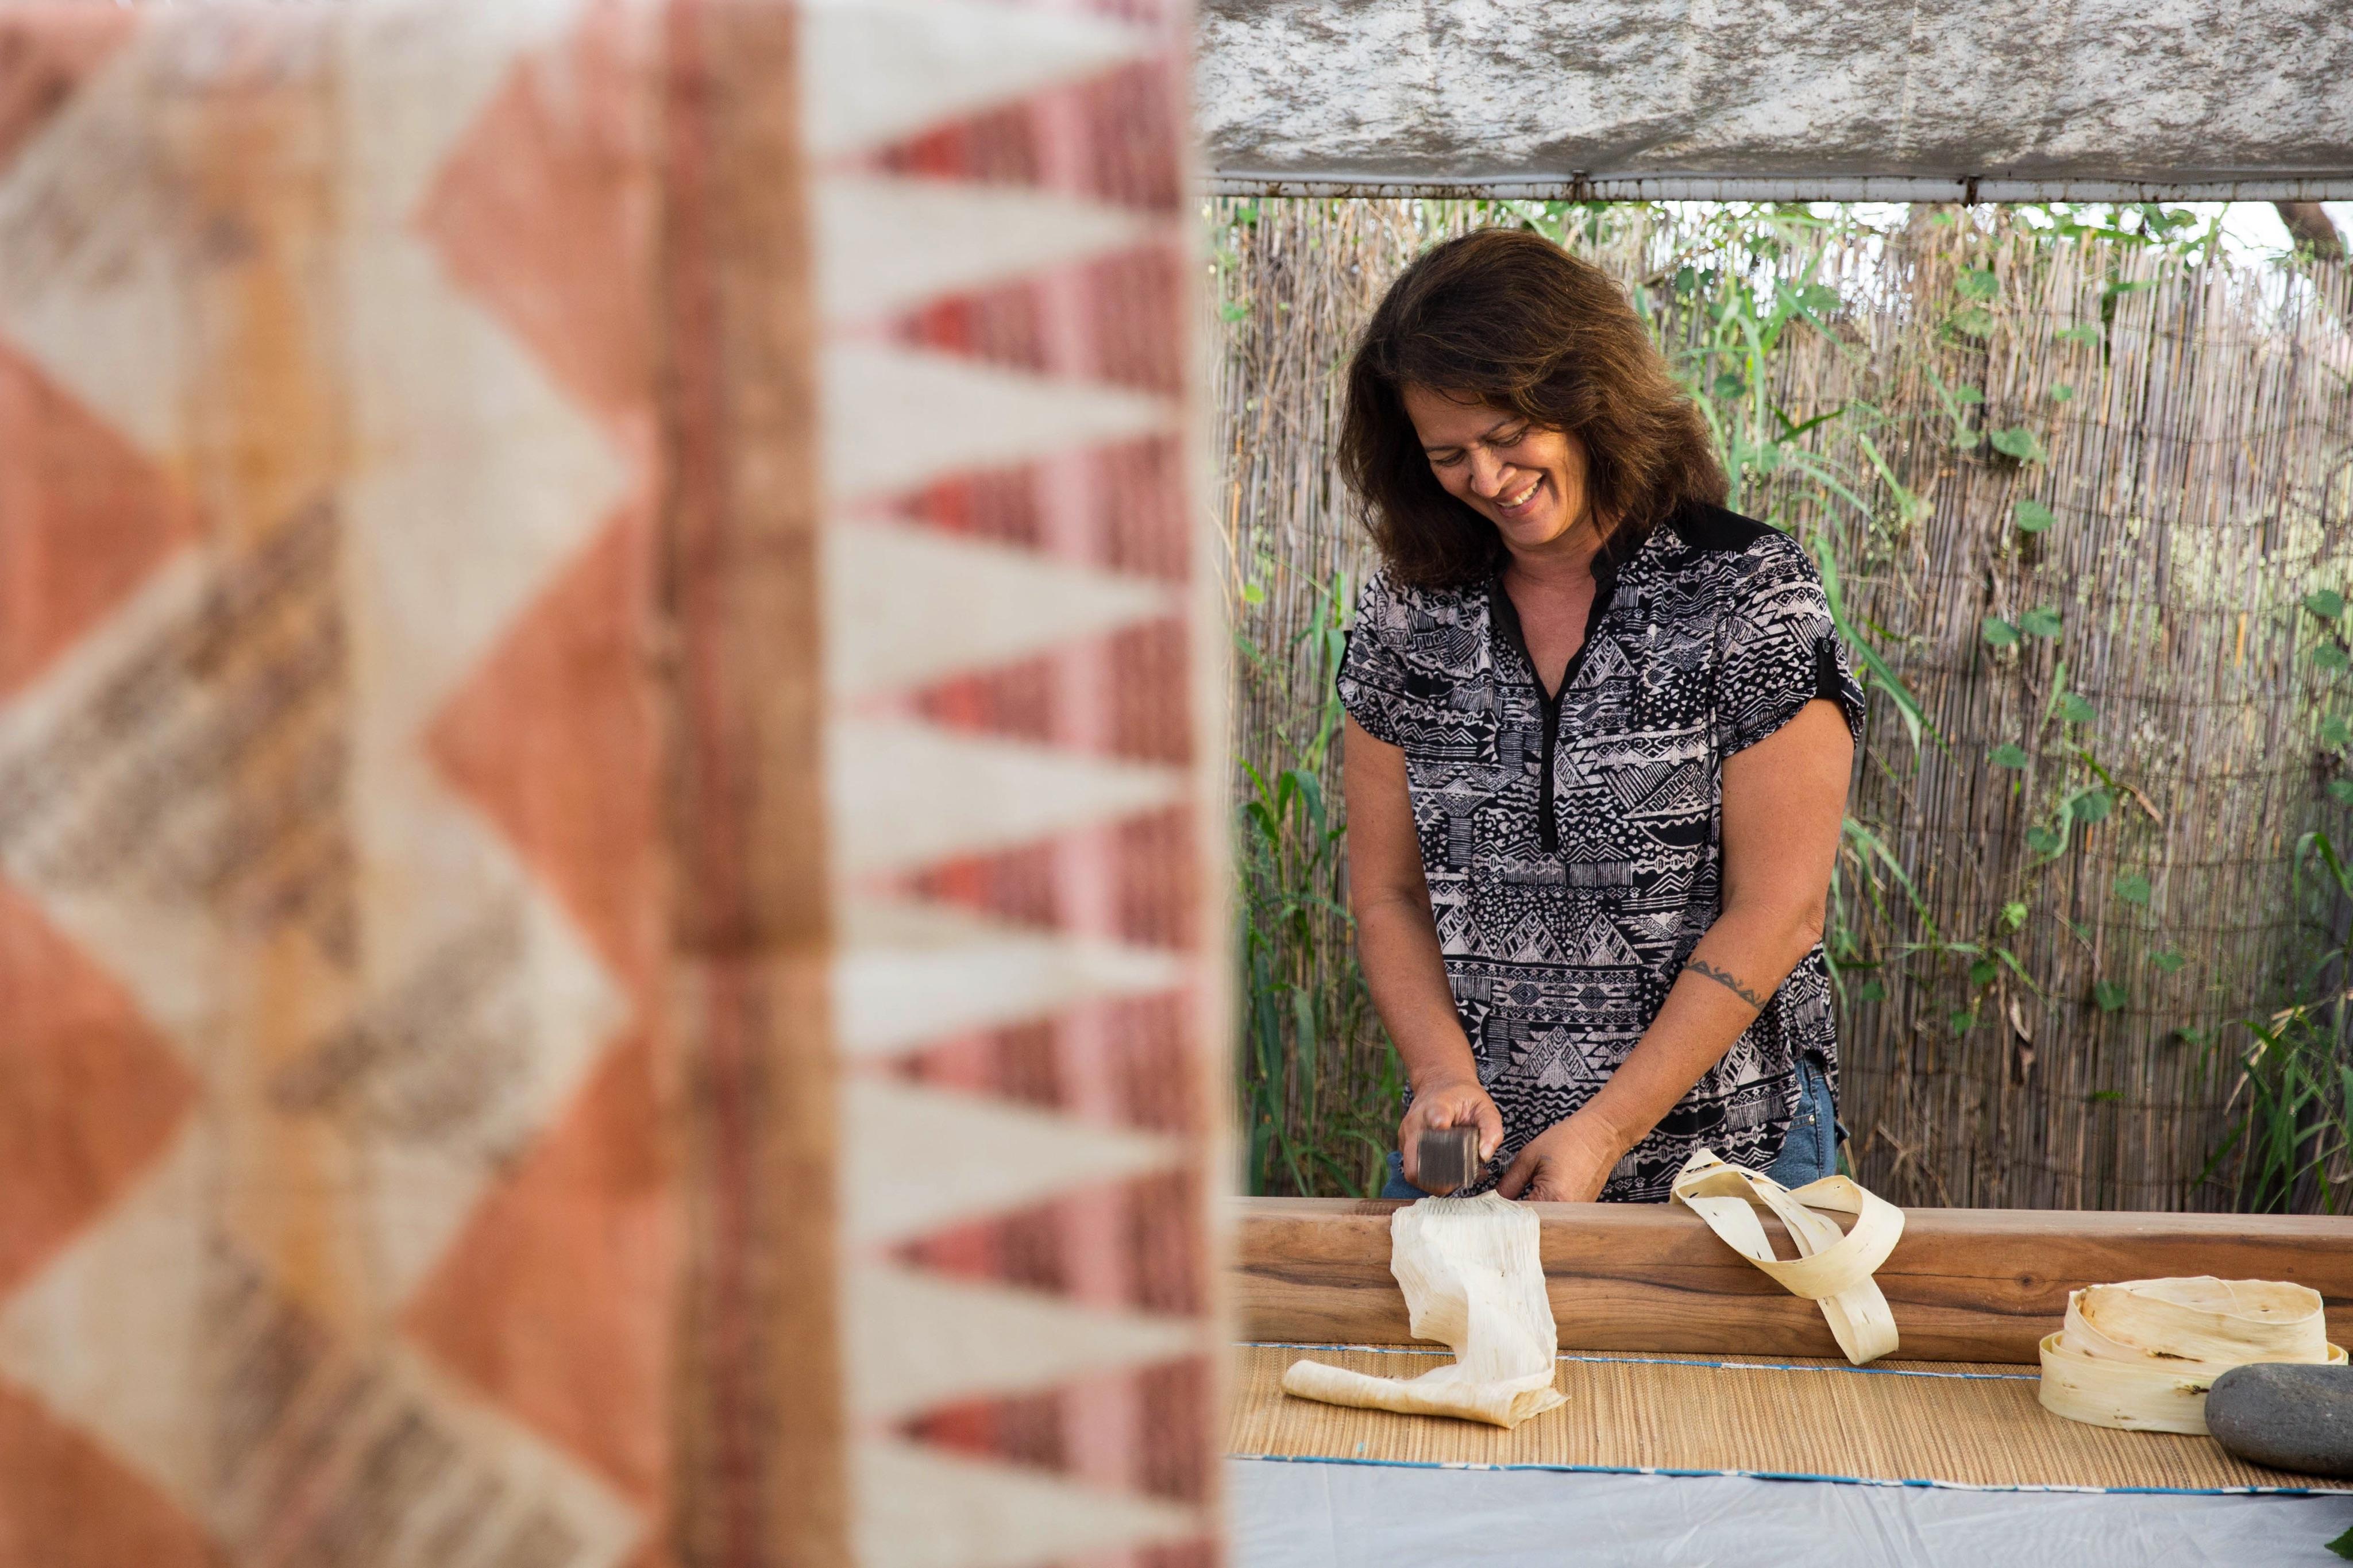 Photo of Tanahy making kapa